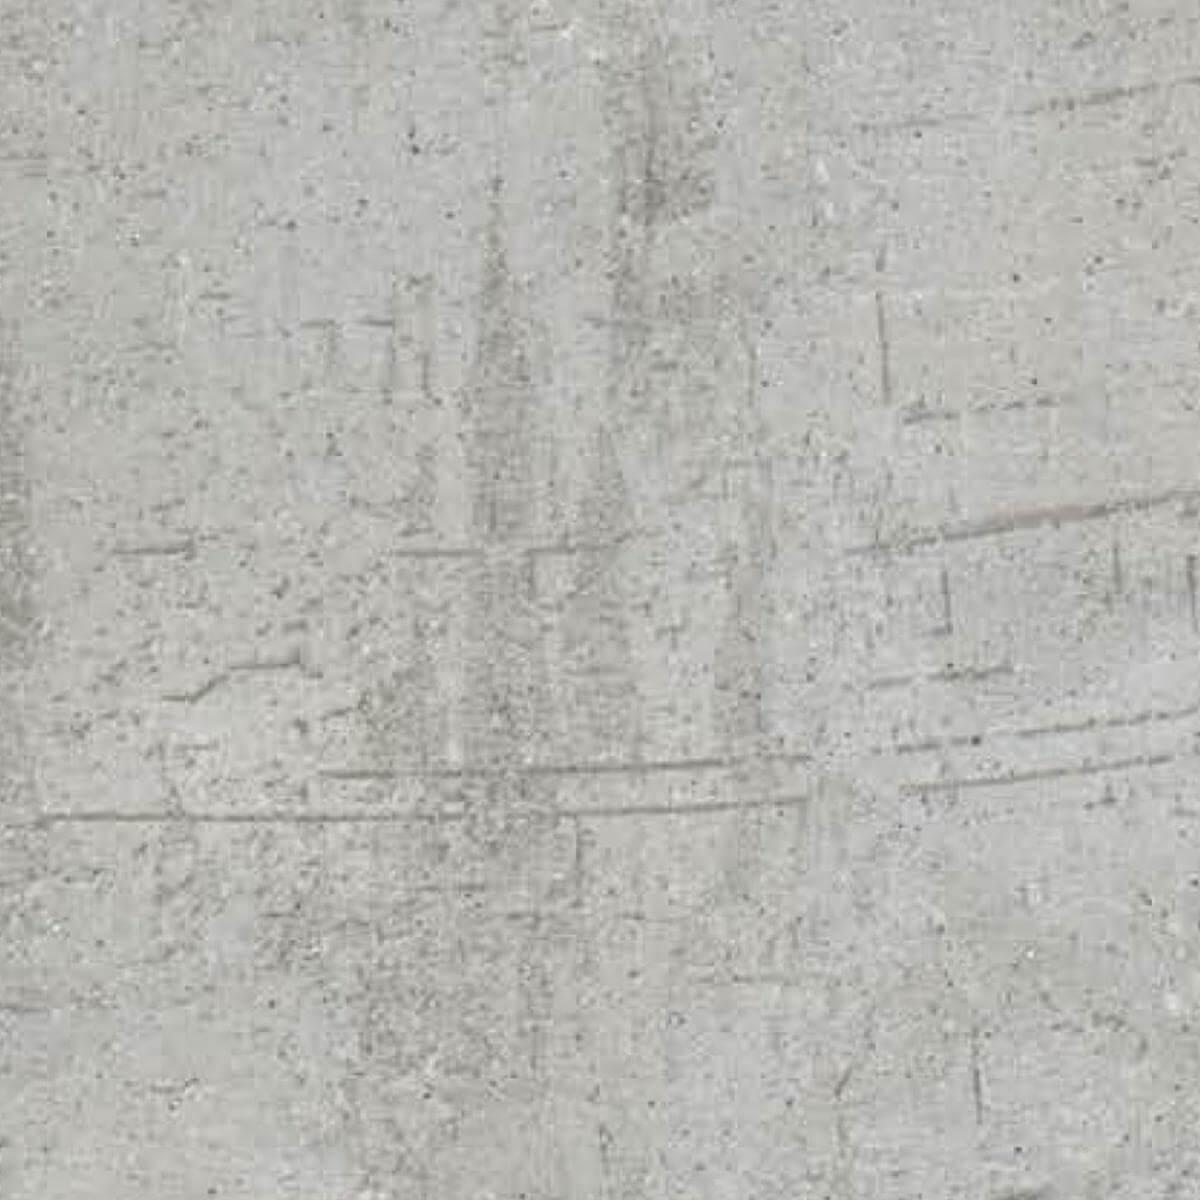 Płytki Gres Kafle Imitujące Beton Kraków Opinie Salony Hoff